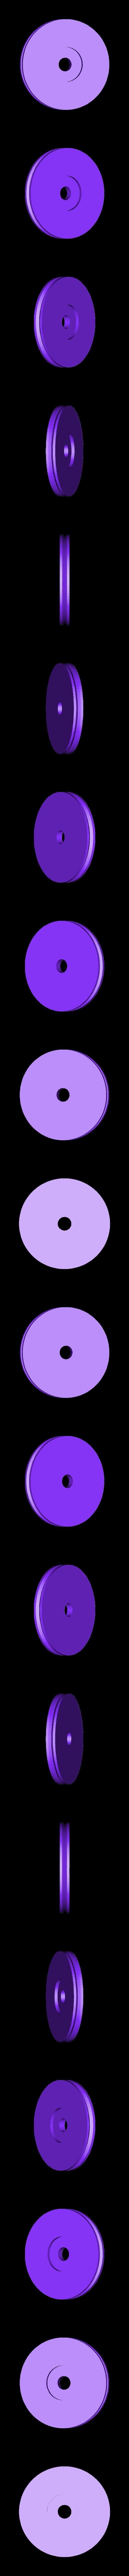 Servo-wheel.stl Download free STL file Servo wheel for mobile robots • 3D printing template, Ogrod3d